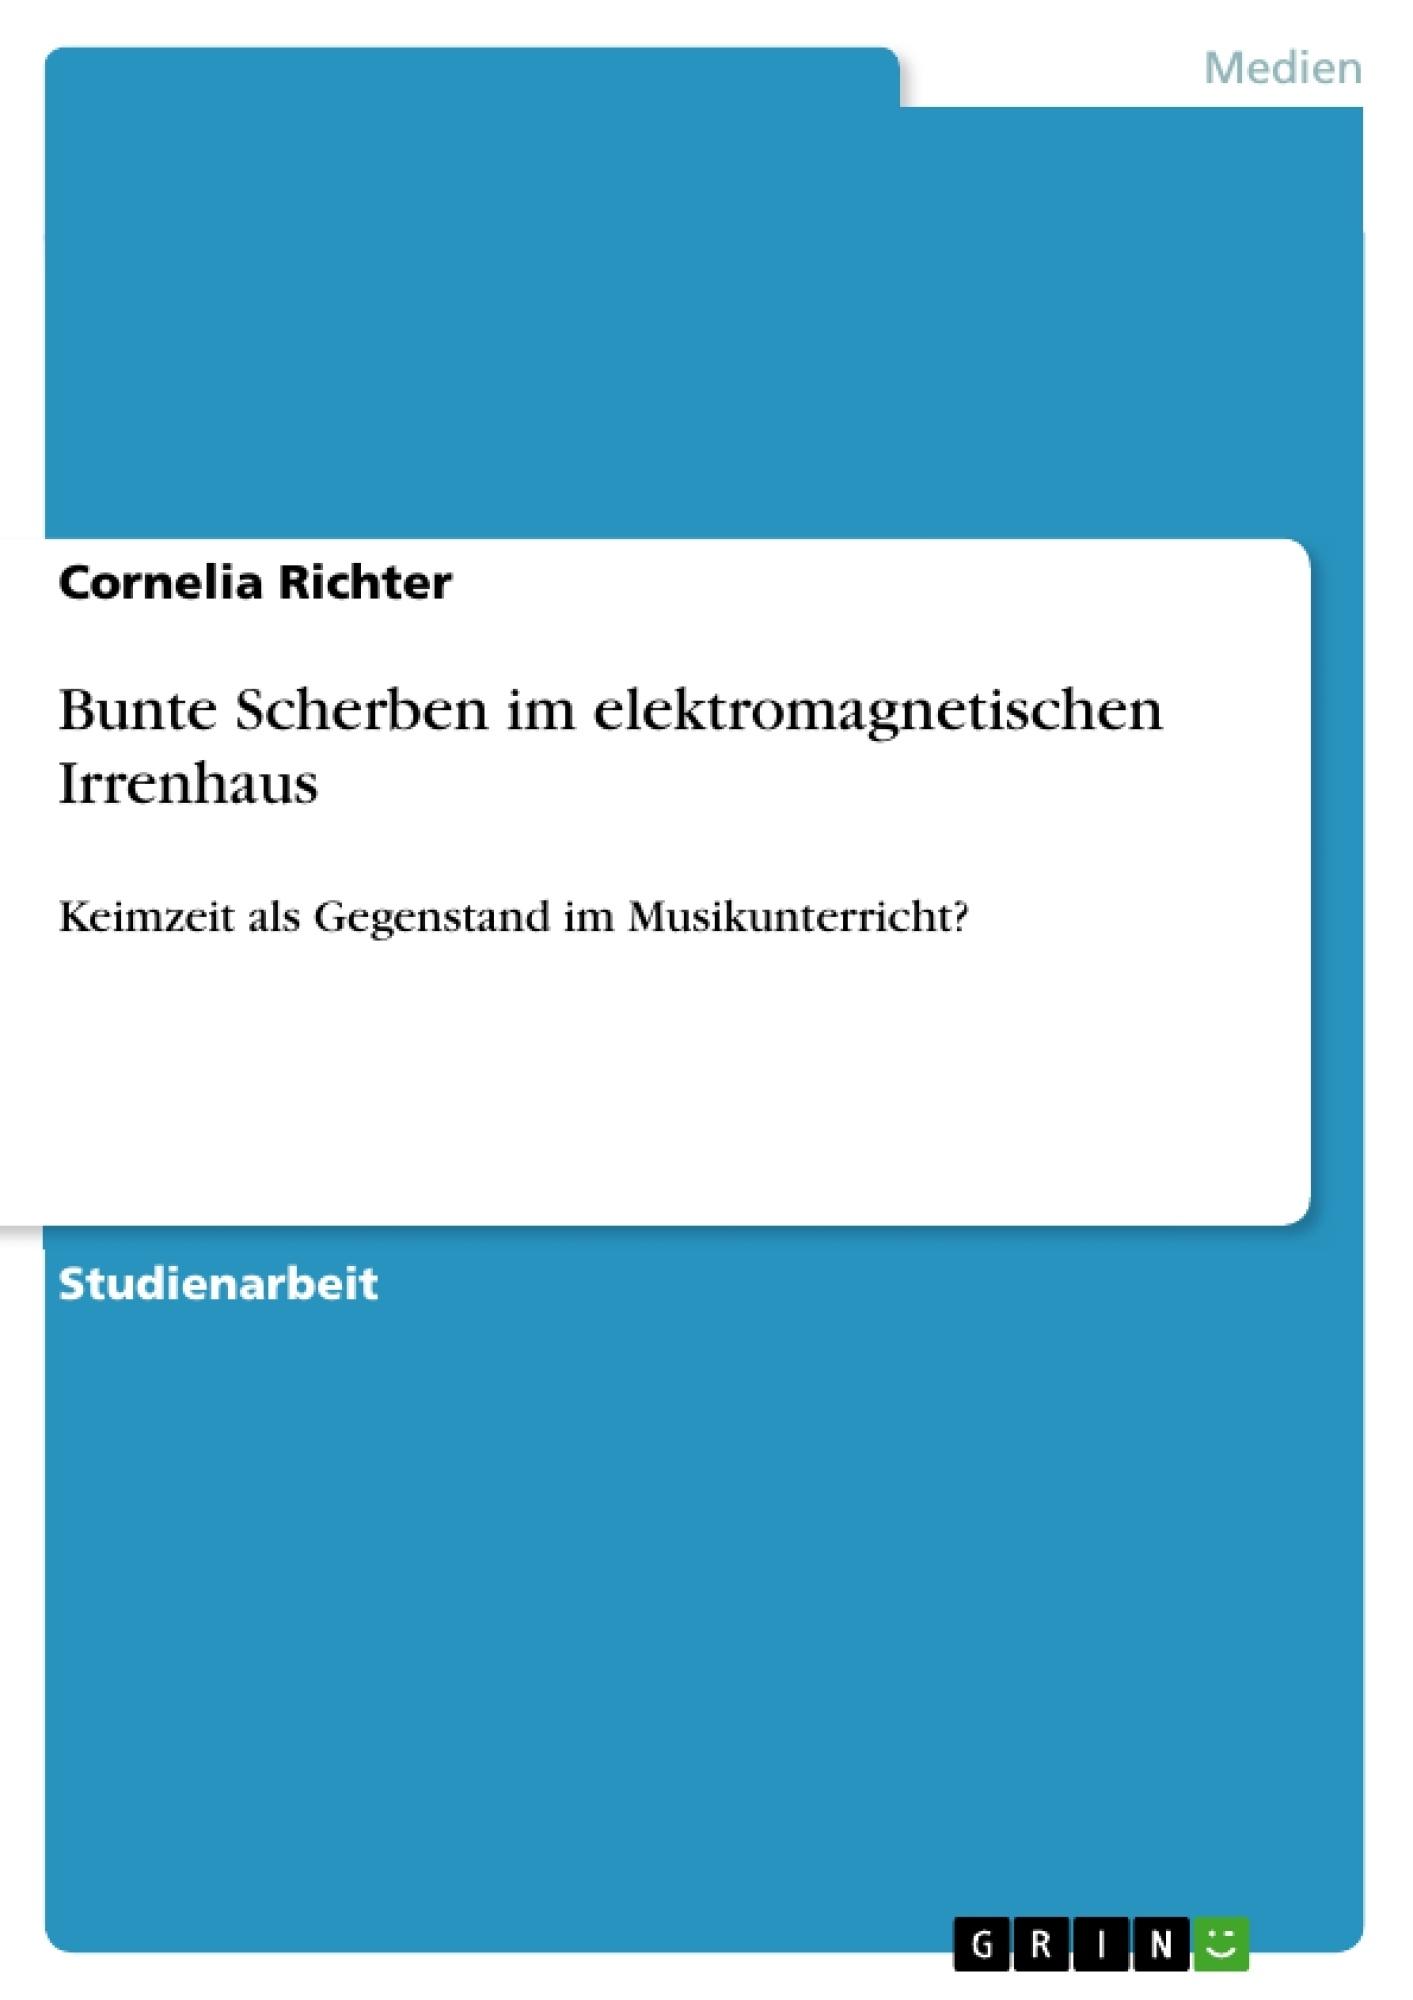 Titel: Bunte Scherben im elektromagnetischen Irrenhaus